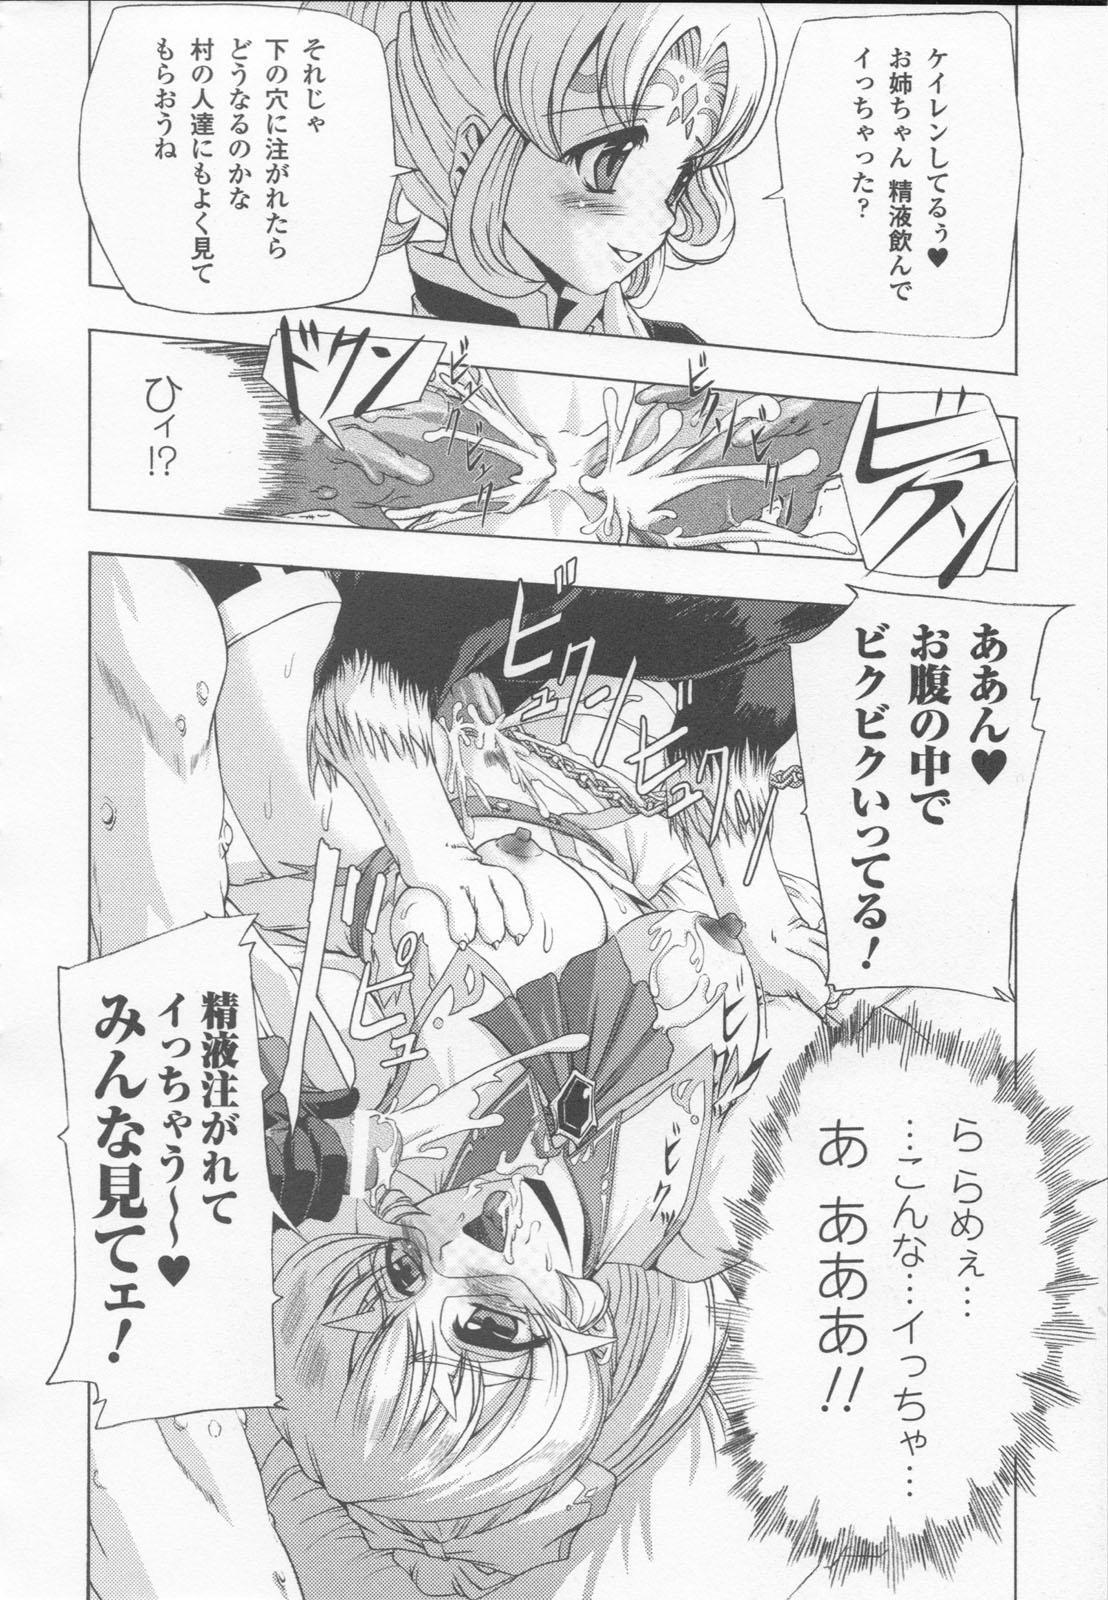 Shirayuri no Kenshi Anthology Comics 23